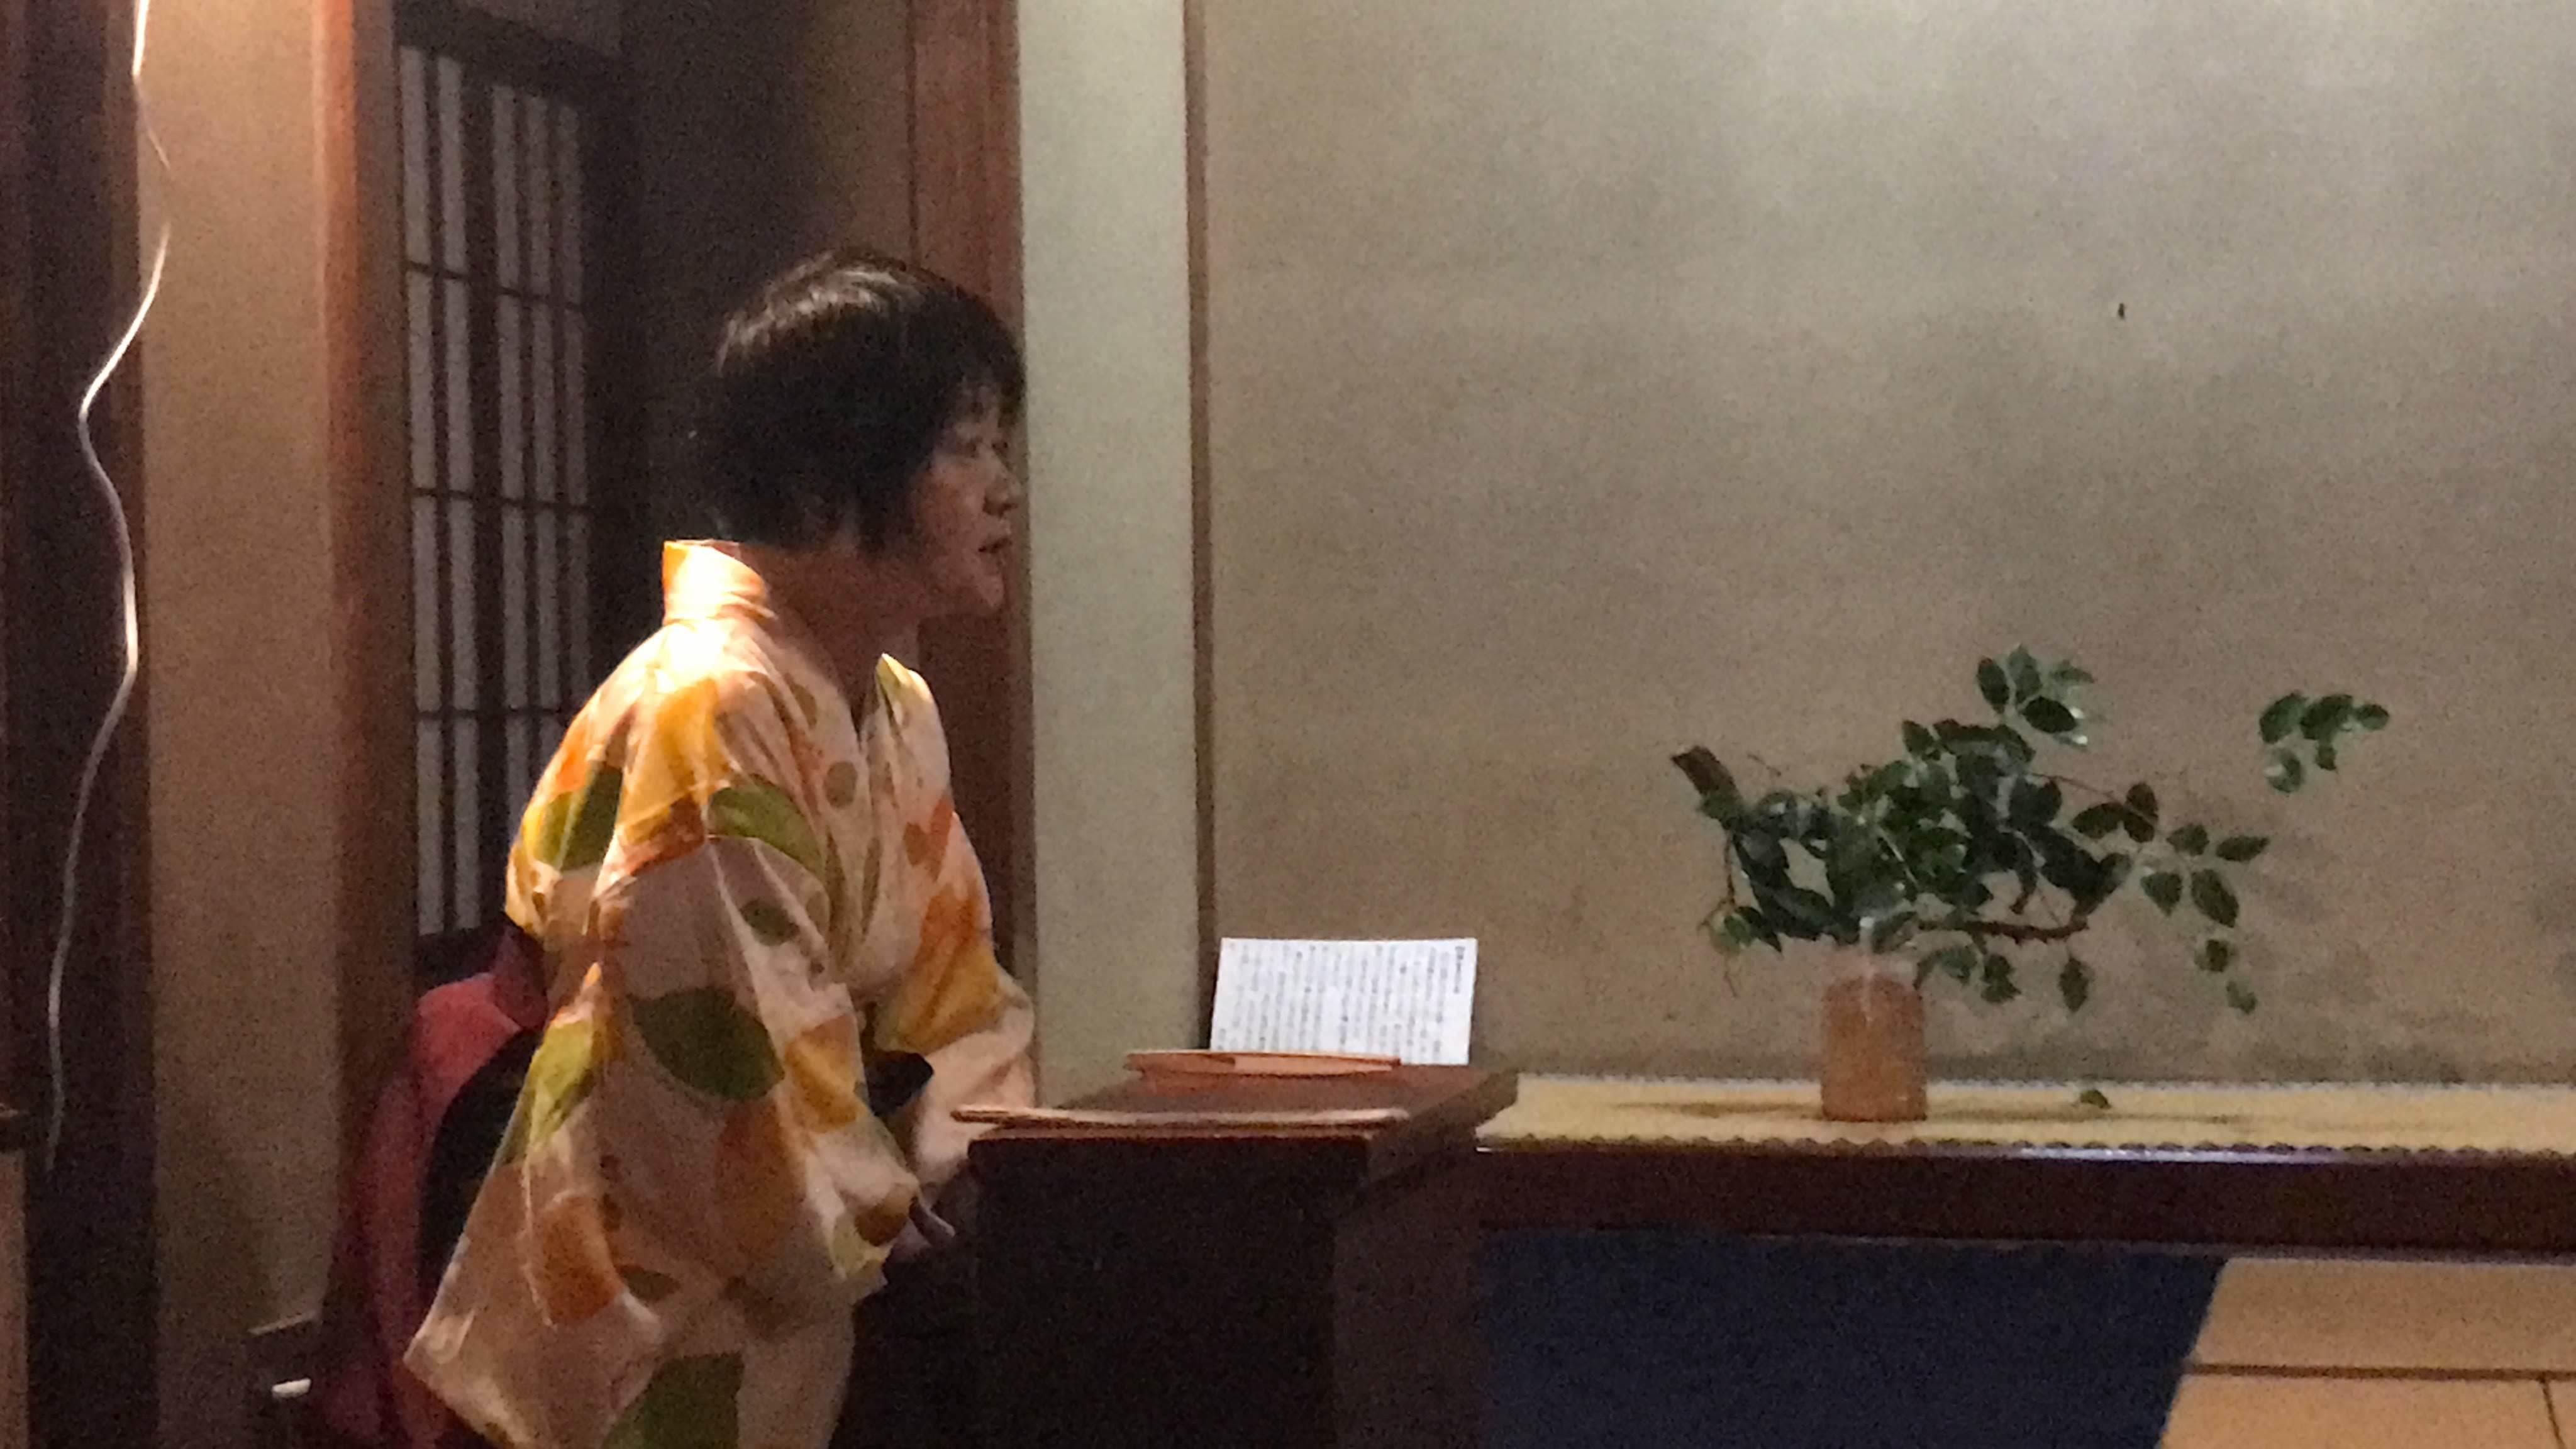 2019年9月28日(土)9月29日(日)のお知らせ_c0091679_09264529.jpg